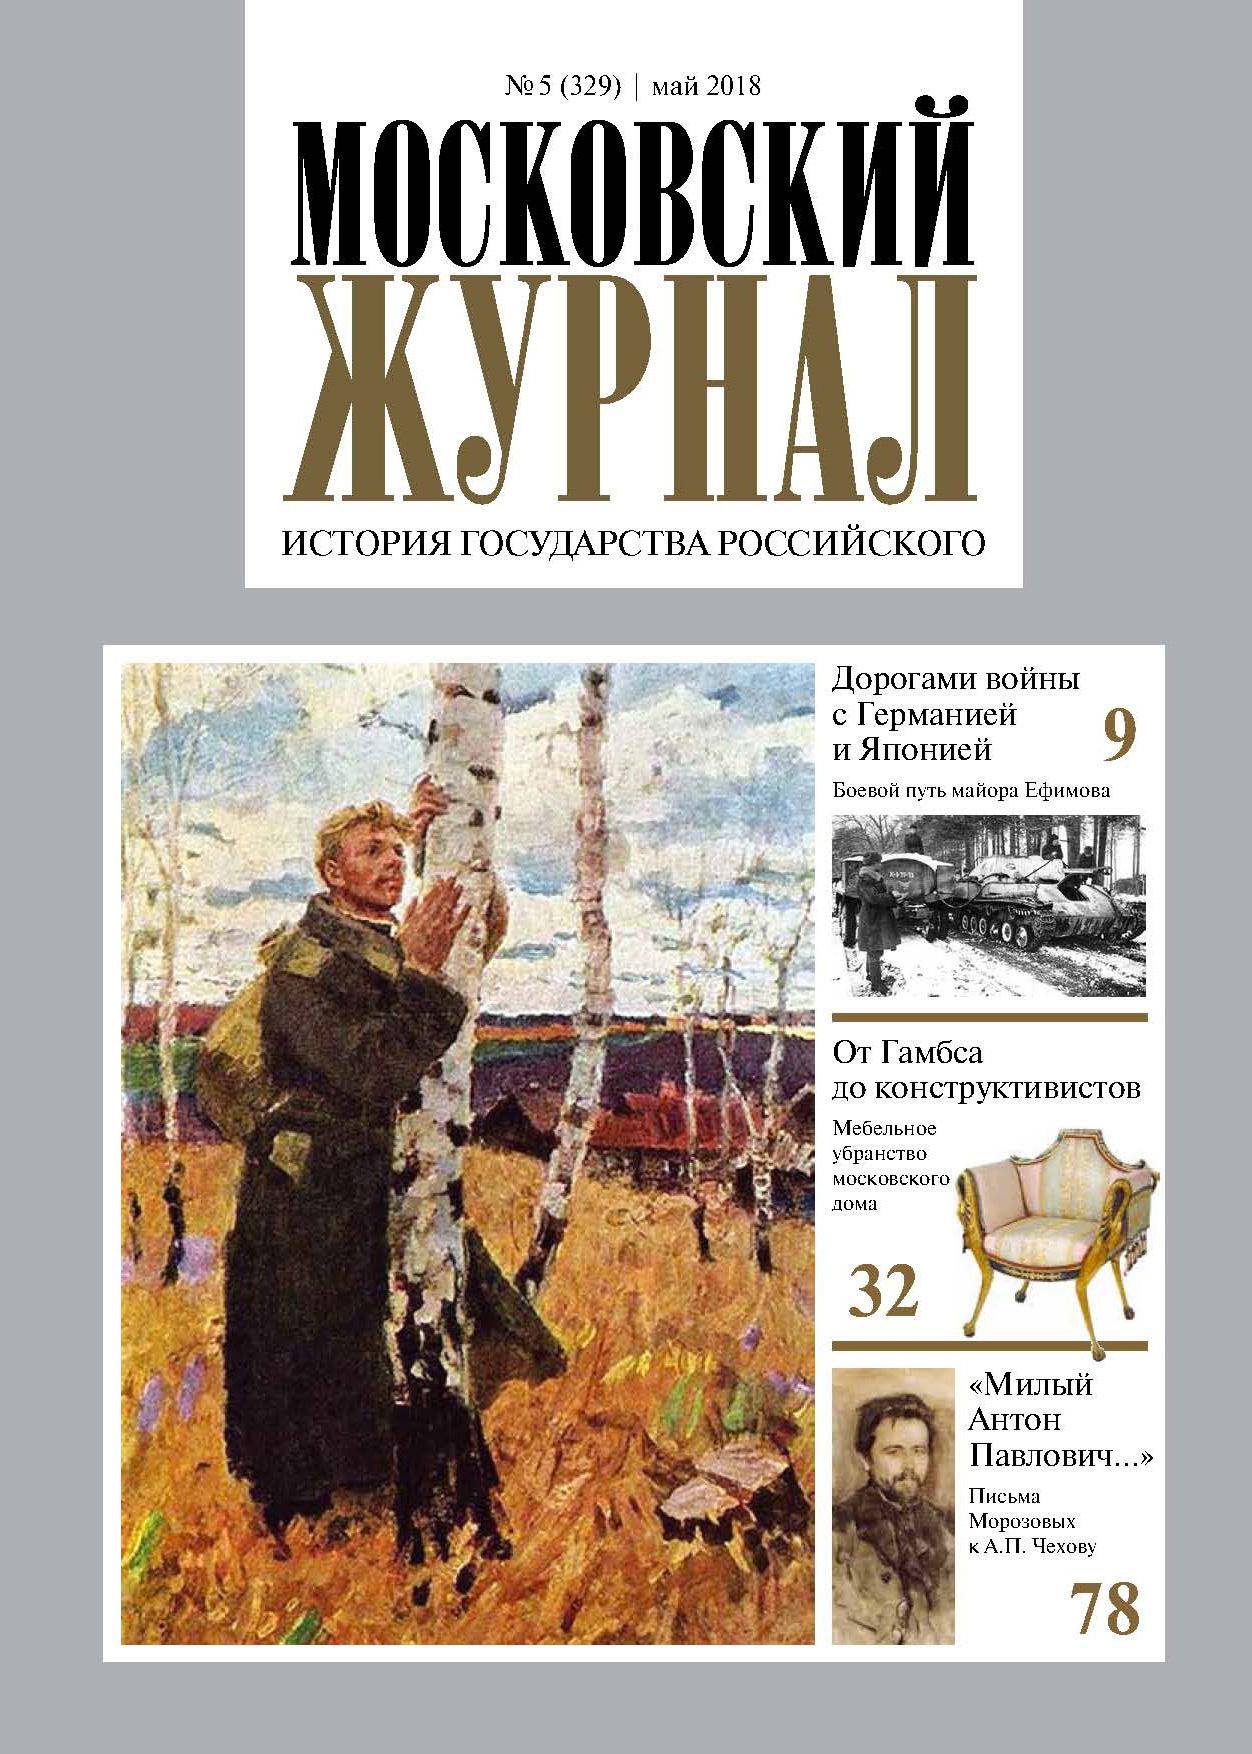 Отсутствует Московский Журнал. История государства Российского №05 (329) 2018